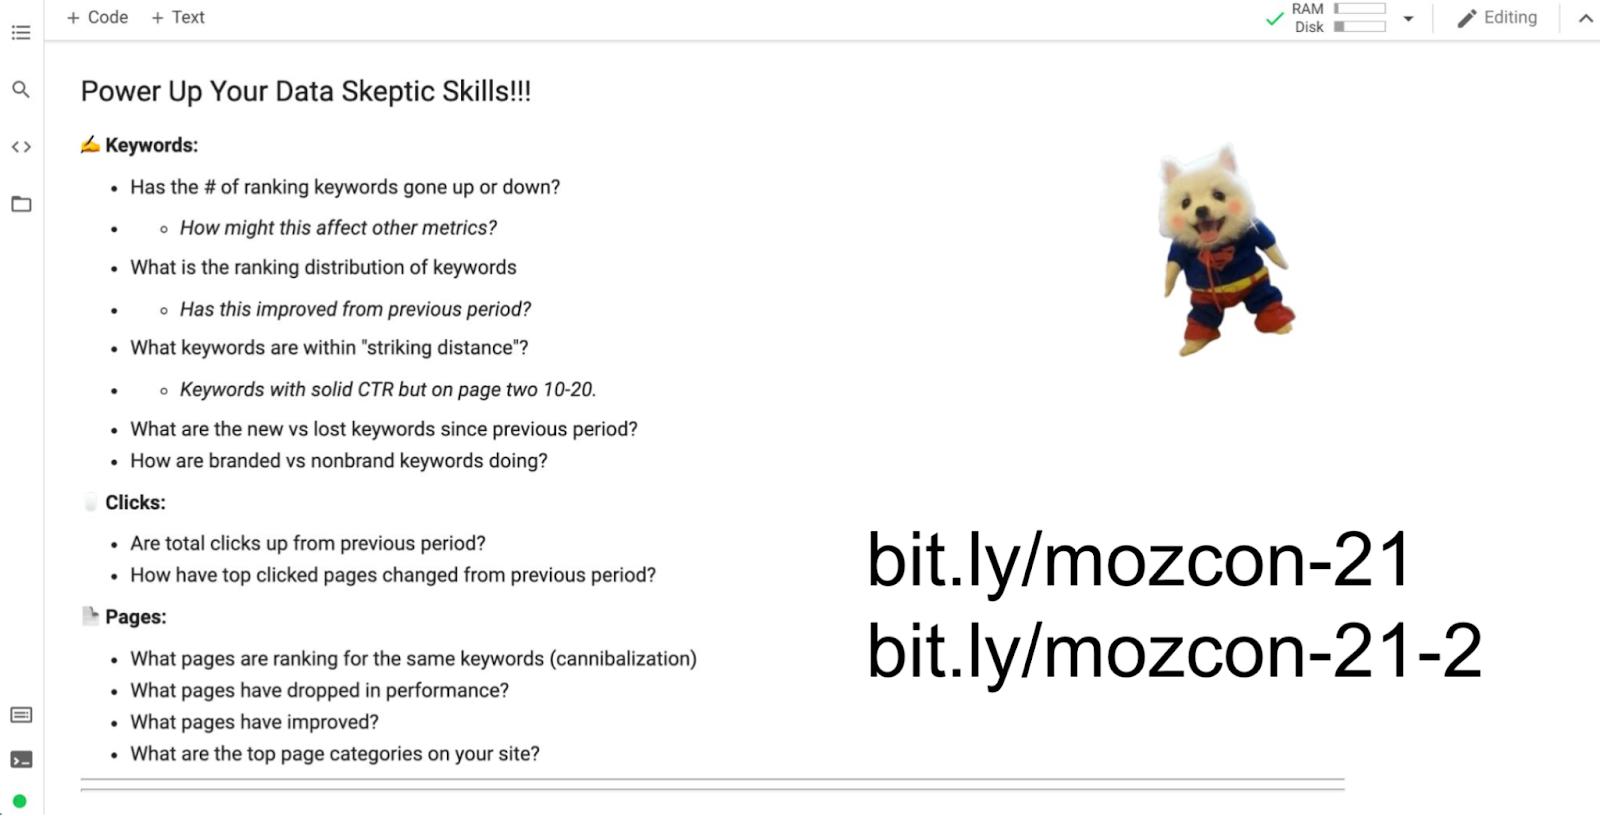 عکس یادگیری روز دوم از سیرک MozCon سه حلقه ای